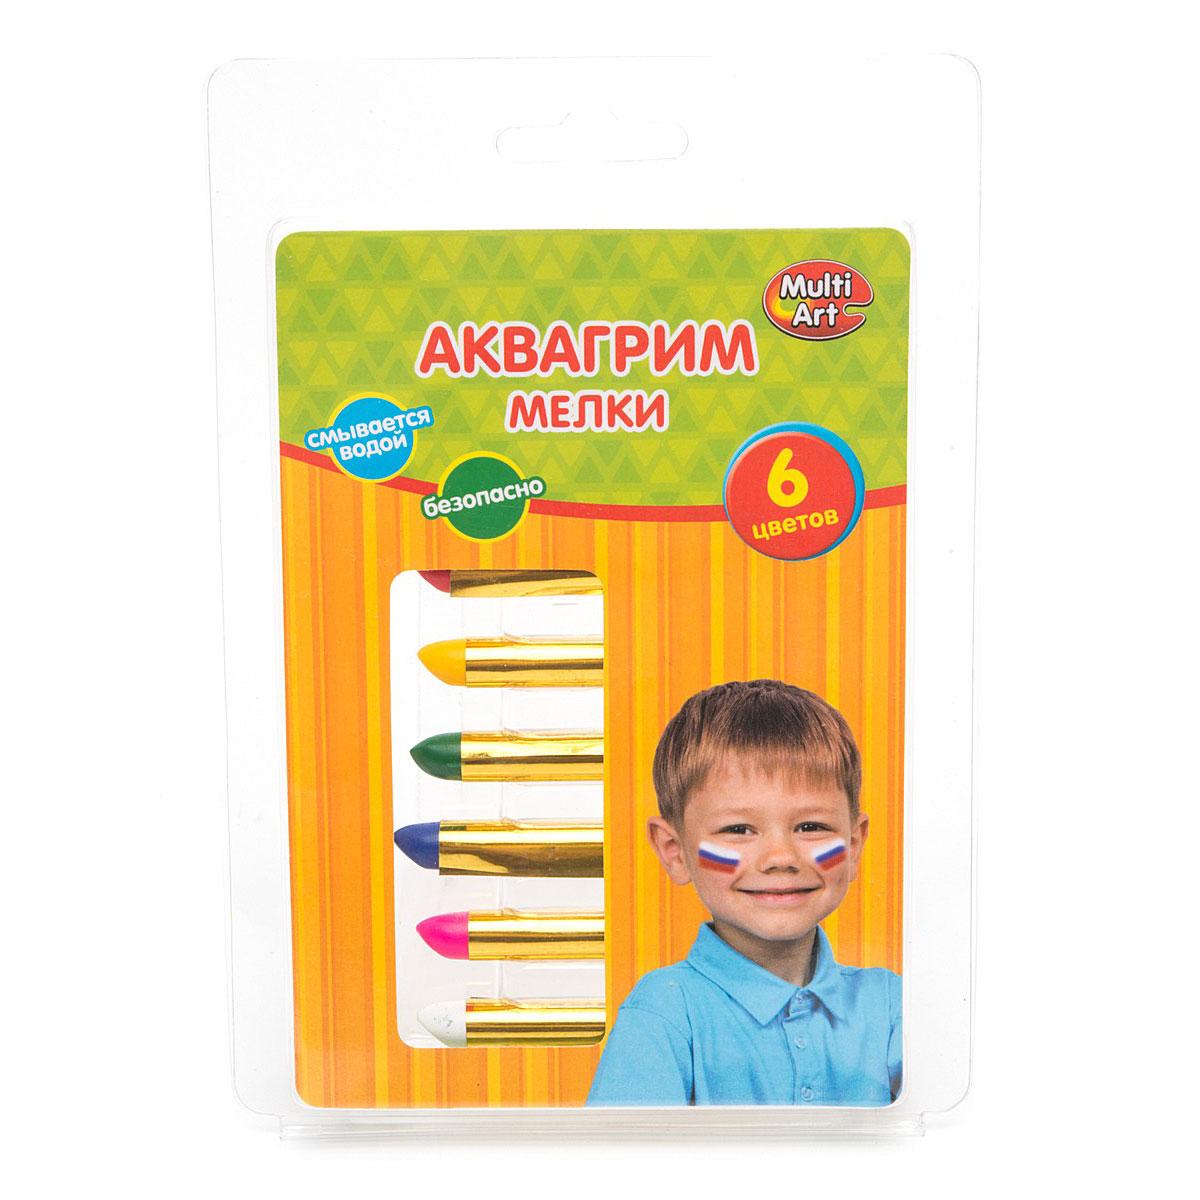 Аквагрим Multiart Мелки 6 цветов в пластиковой упаковке<br>